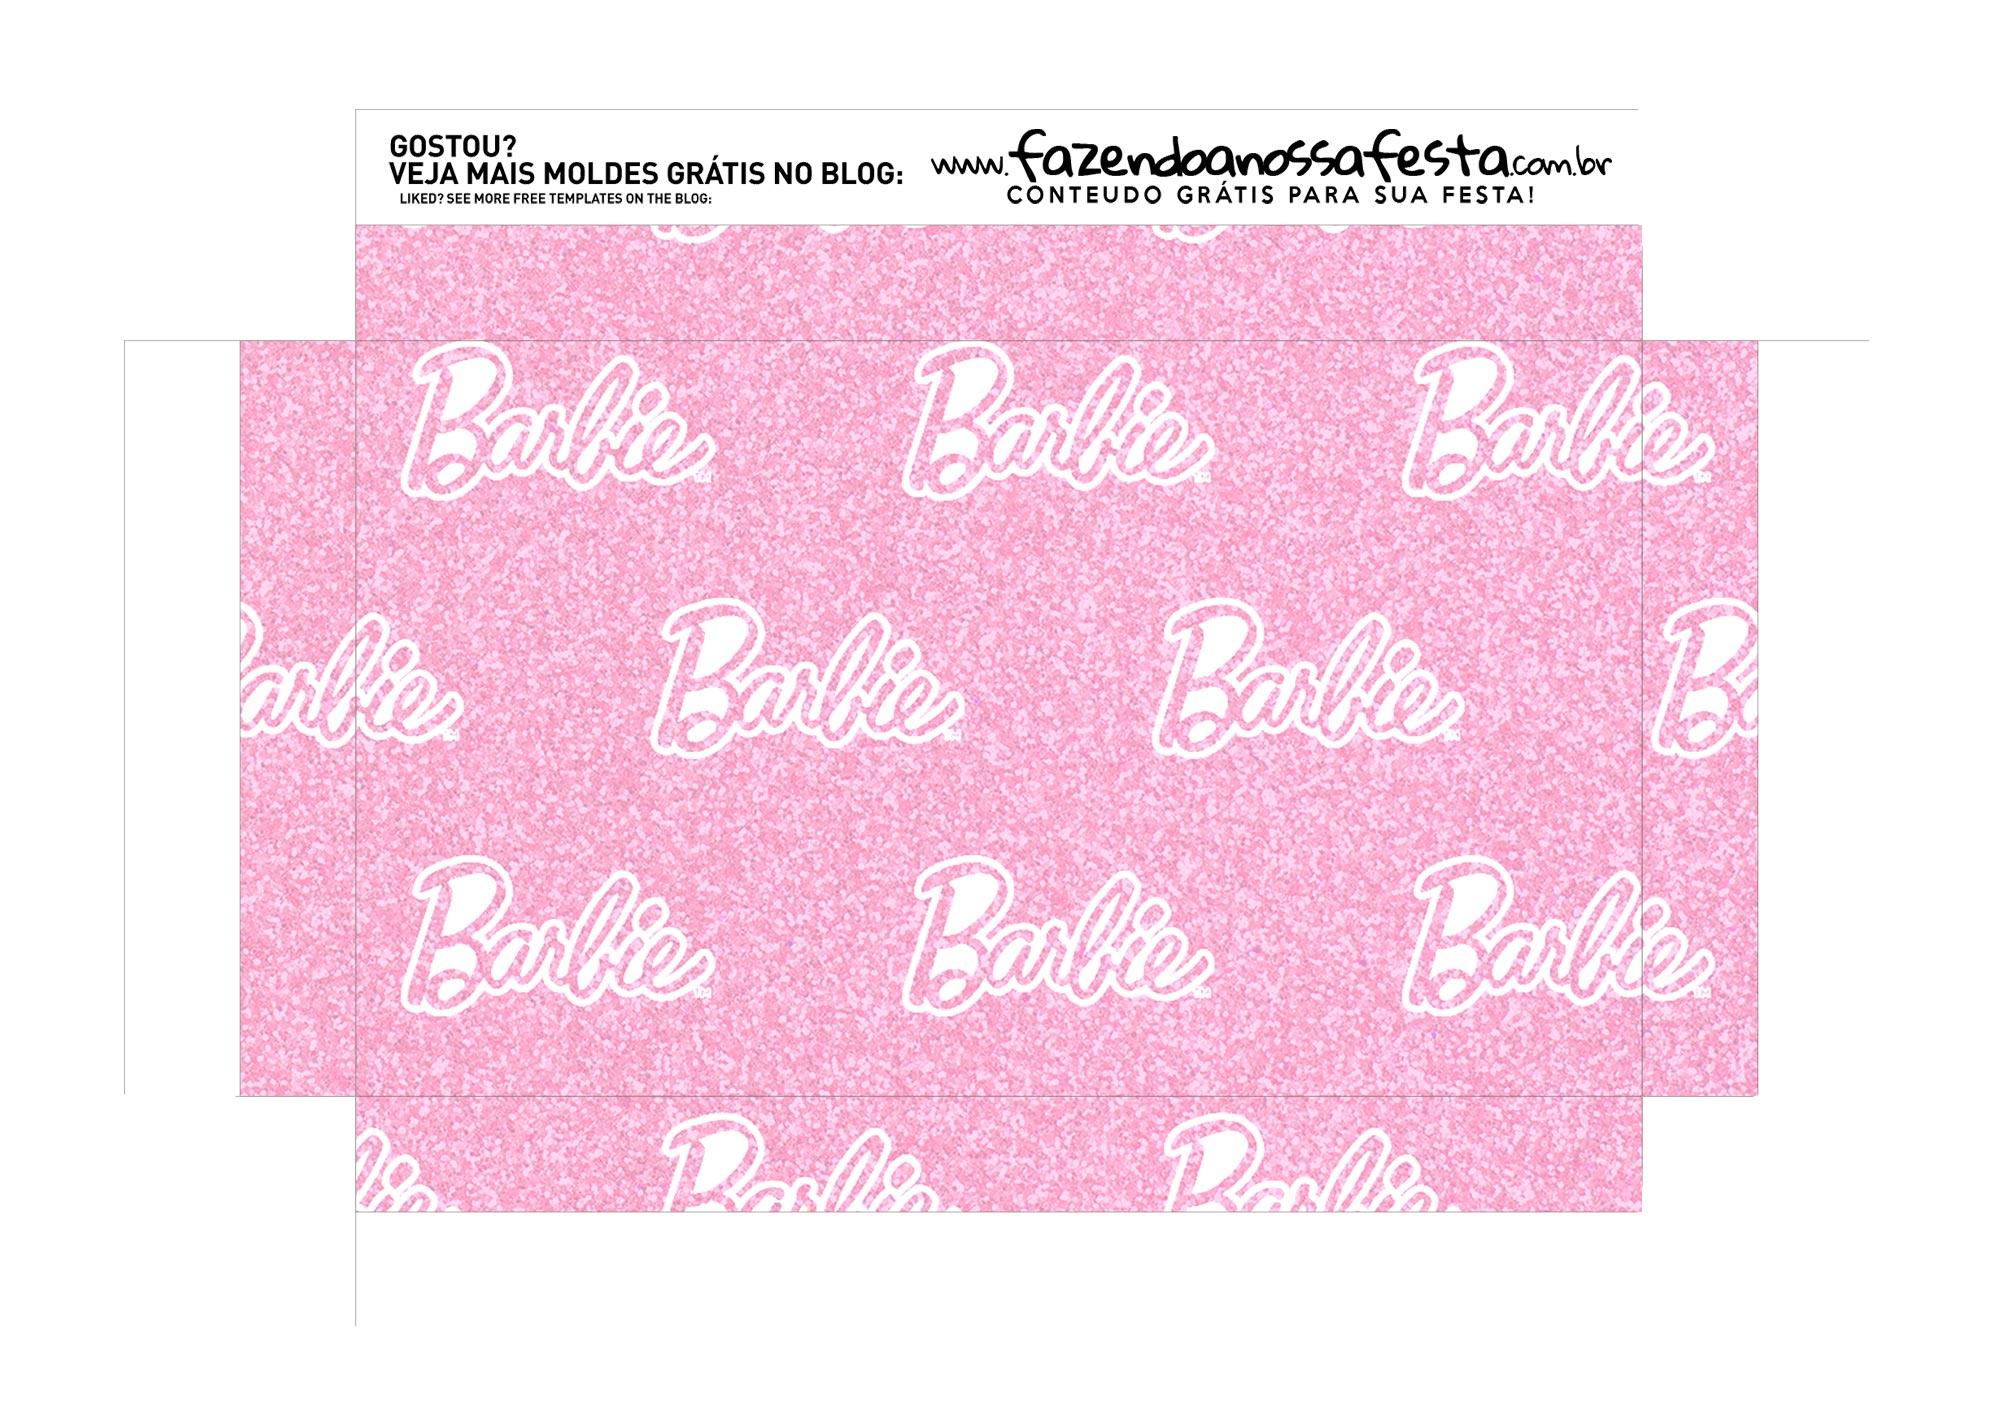 Caixa Explosao Mini Confeiteiro Barbie parte 9